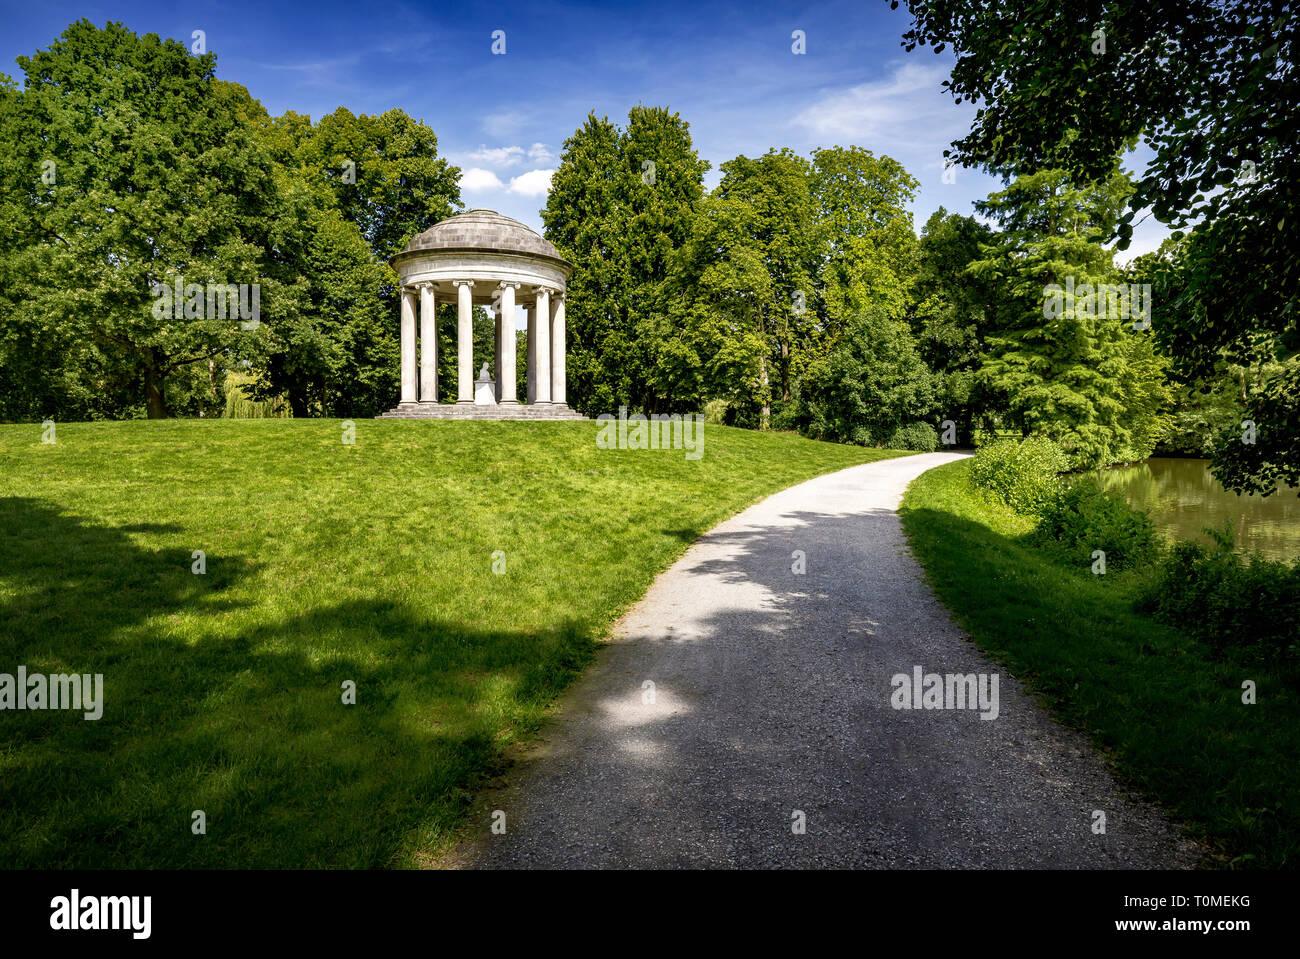 Dans le Temple de Leibniz Georgengarten de Hanovre dans le cadre de l'Herrenhäuser Gardens, Virginia, United States Banque D'Images